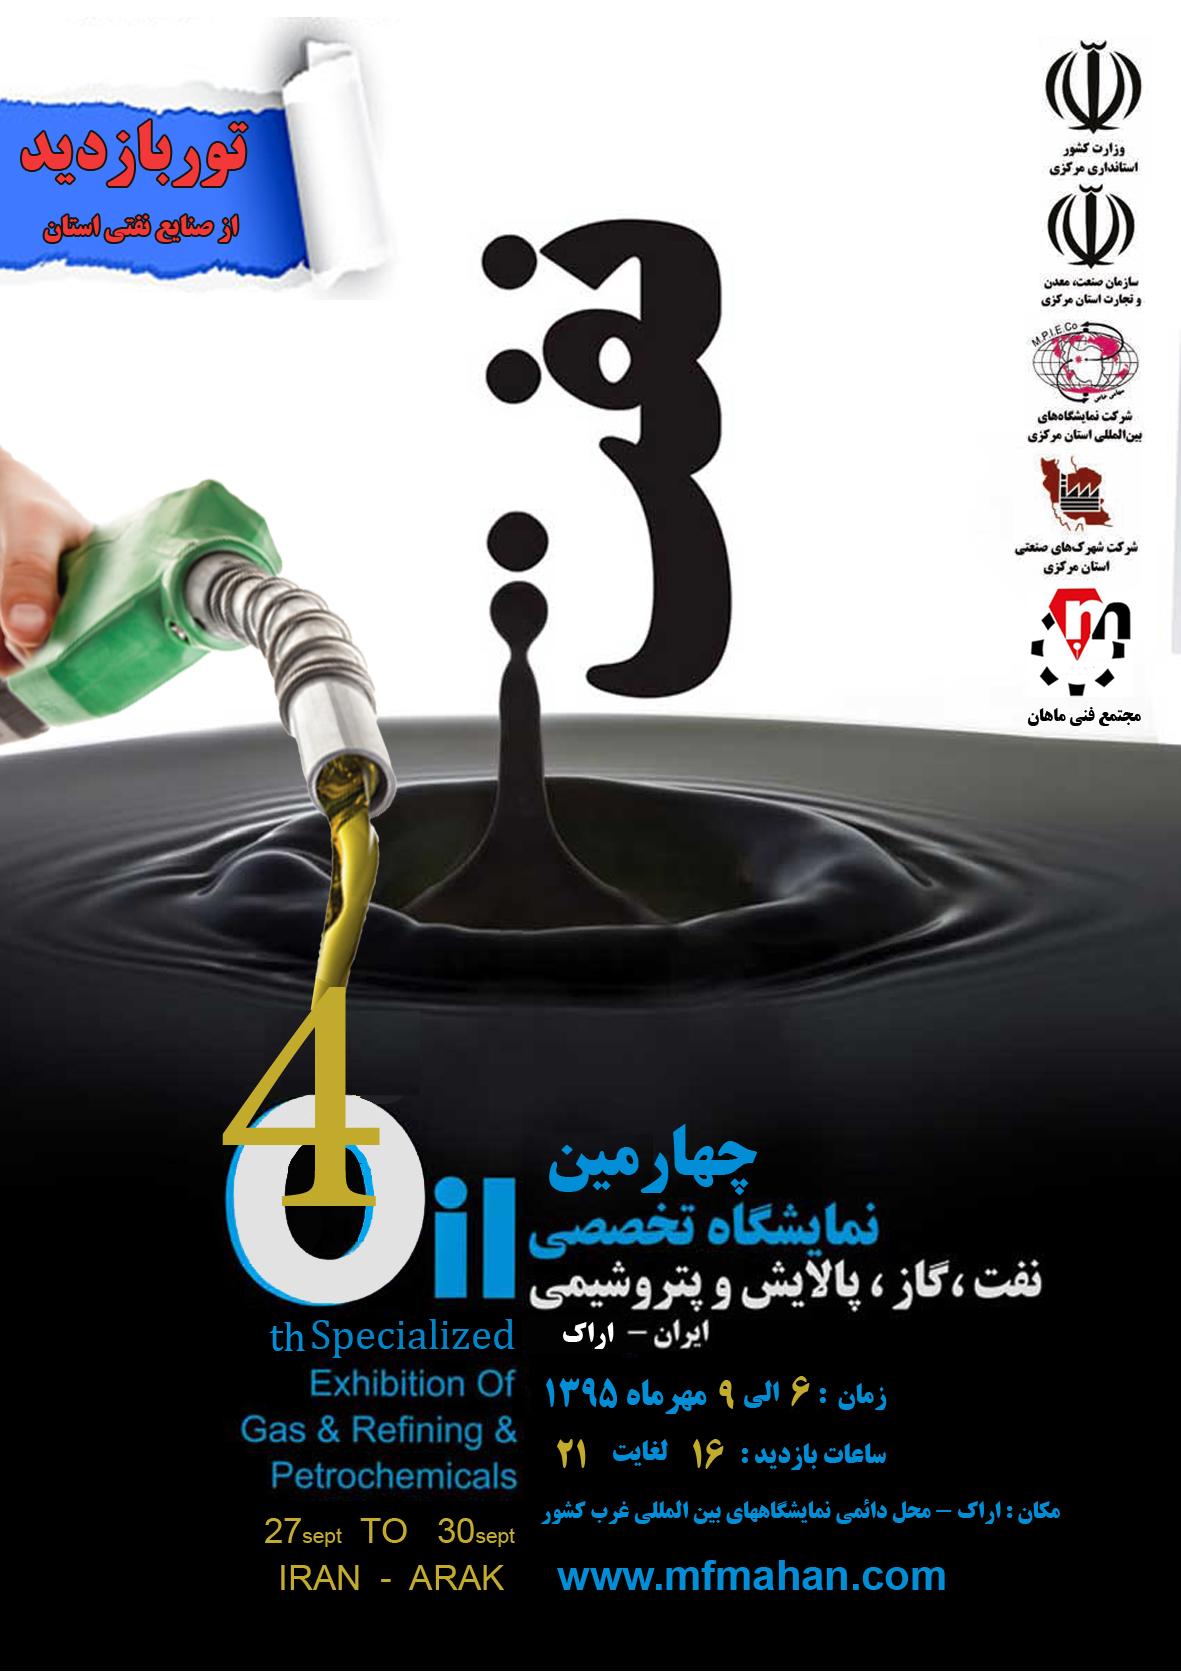 چهارمین نمایشگاه نفت، گاز، پالایش و پتروشیمی